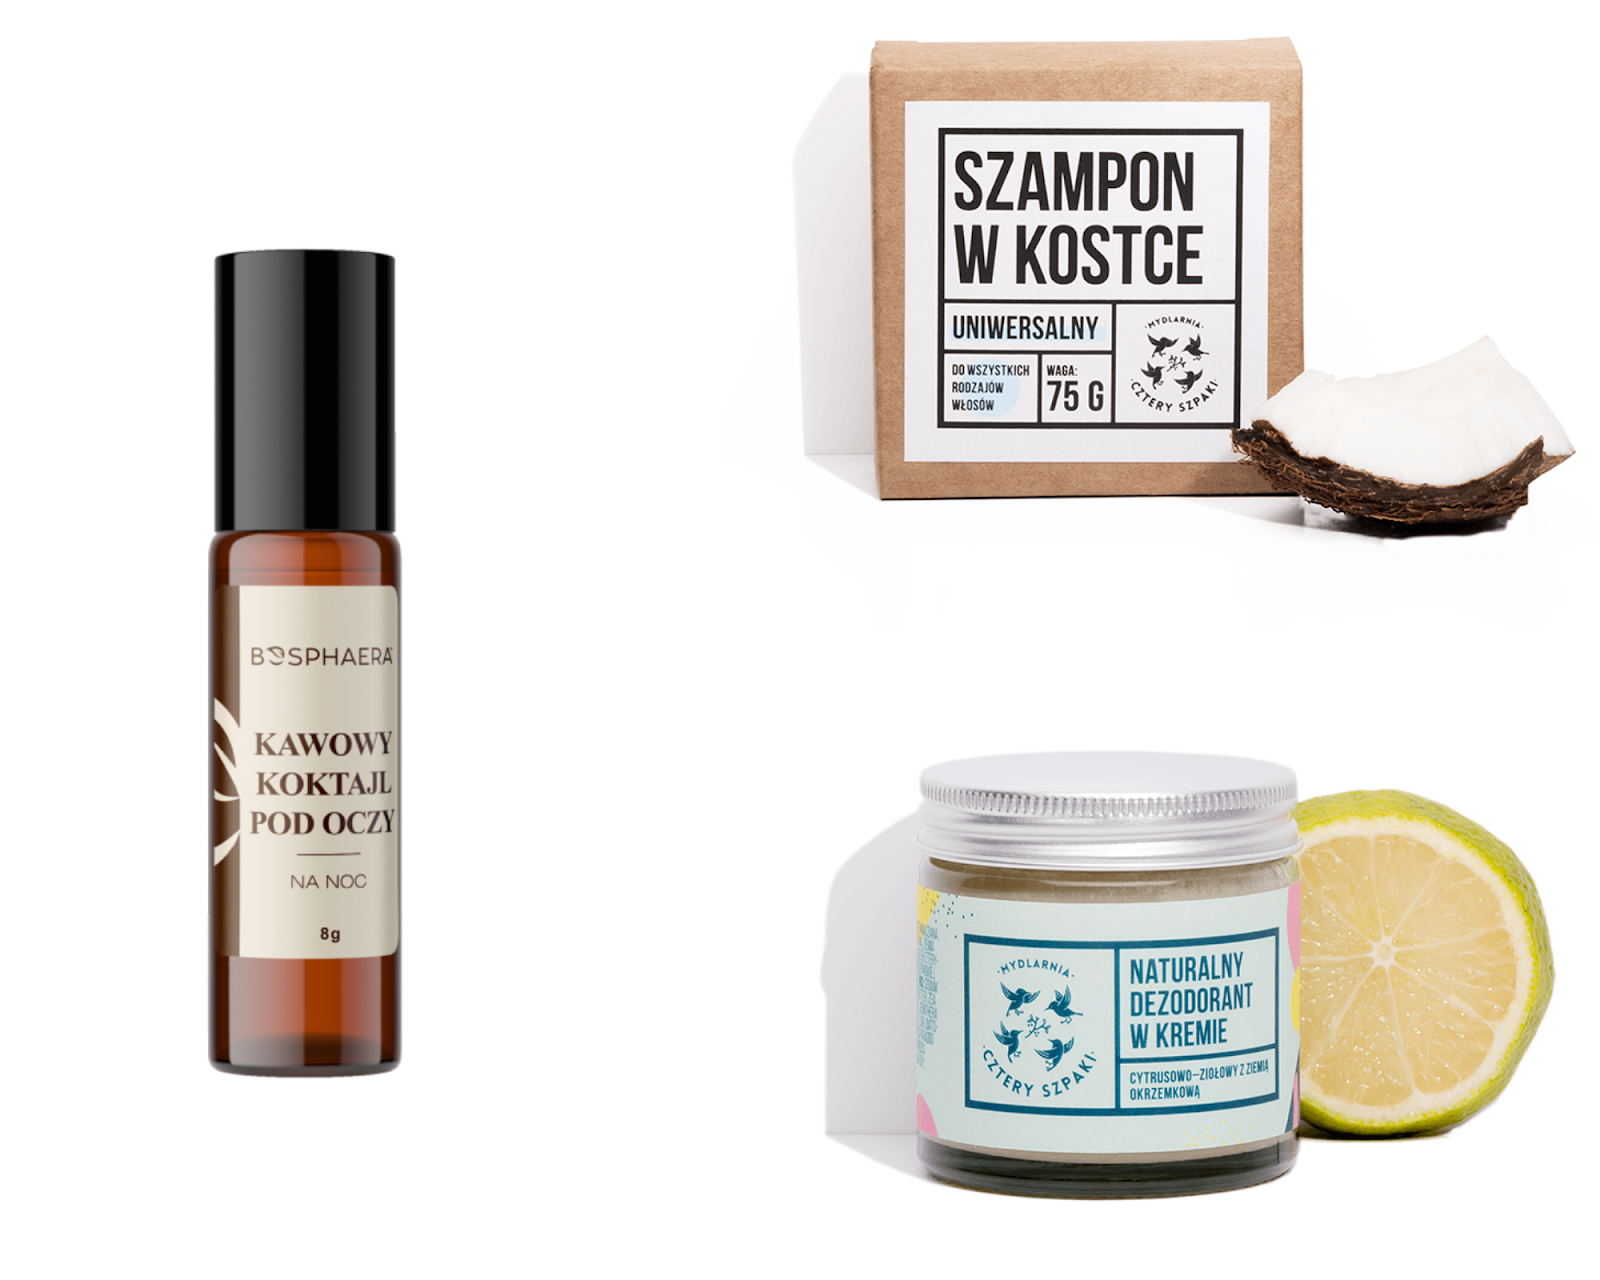 3 kosmetyki naturalne, które chcę poznać